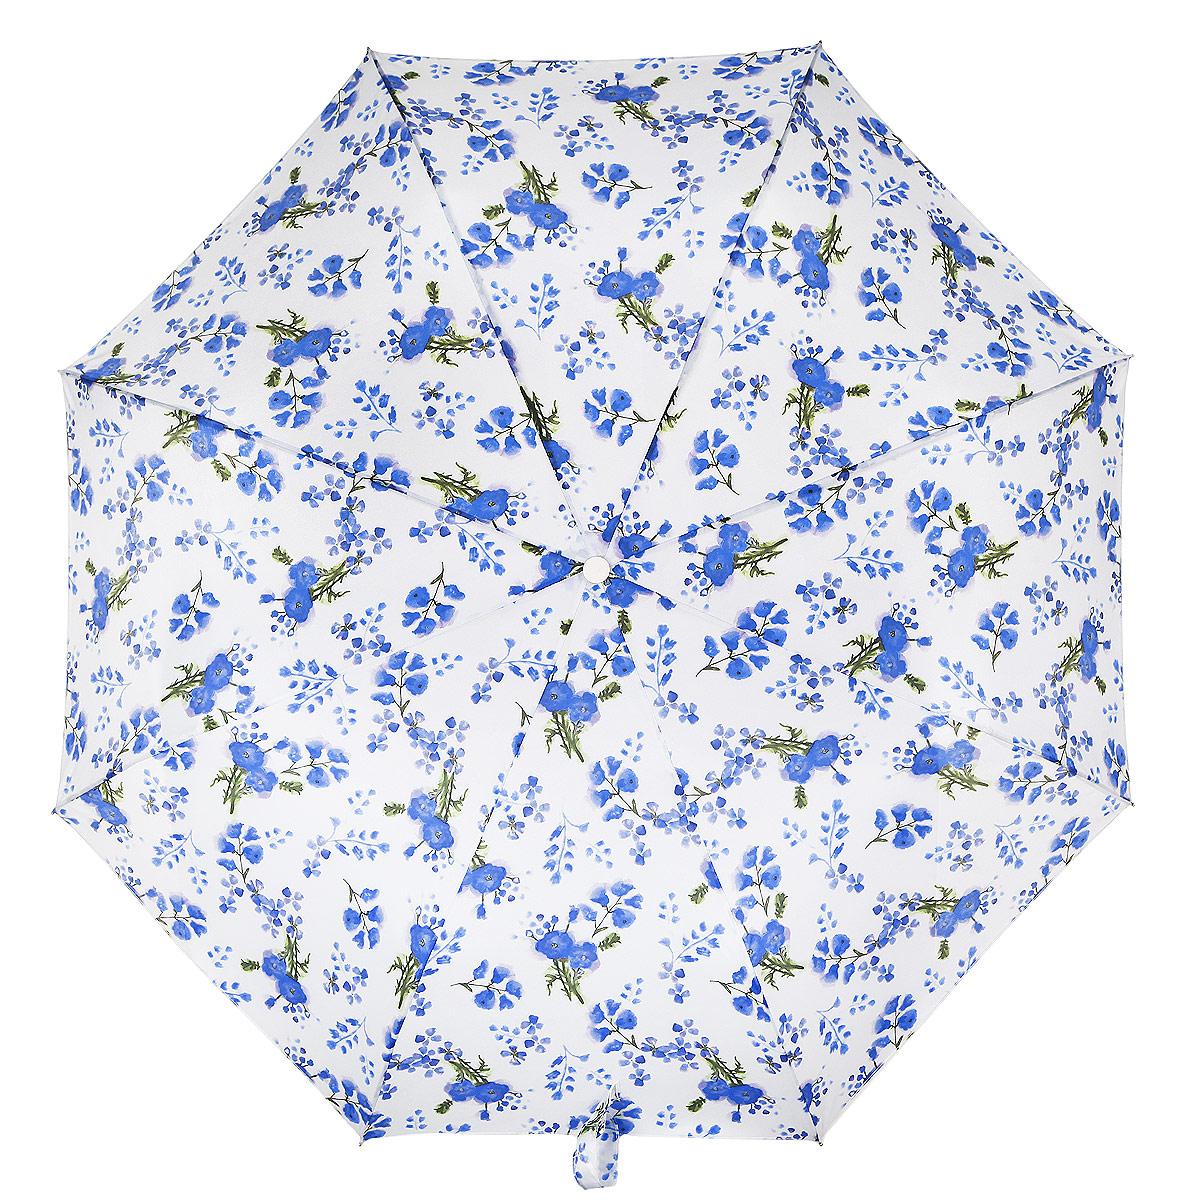 Зонт женский Fulton Minilite-2. Poppy Bloom, механический , 3 сложения, цвет: голубой, белый, зеленый. L354-2938П300020005-9Модный механический зонт Minilite-2. Poppy Bloom даже в ненастную погоду позволит вам оставаться стильной и элегантной. Каркас зонта состоит из 8 спиц из фибергласса и металлического стержня. Купол зонта выполнен из прочного полиэстера и оформлен узором в виде цветов. Изделие оснащено удобной рукояткой из пластика.Зонт механического сложения: купол открывается и закрывается вручную до характерного щелчка.Модель закрывается при помощи одного ремня с липучкой. Такой зонт не только надежно защитит вас от дождя, но и станет стильным аксессуаром, который идеально подчеркнет ваш неповторимый образ